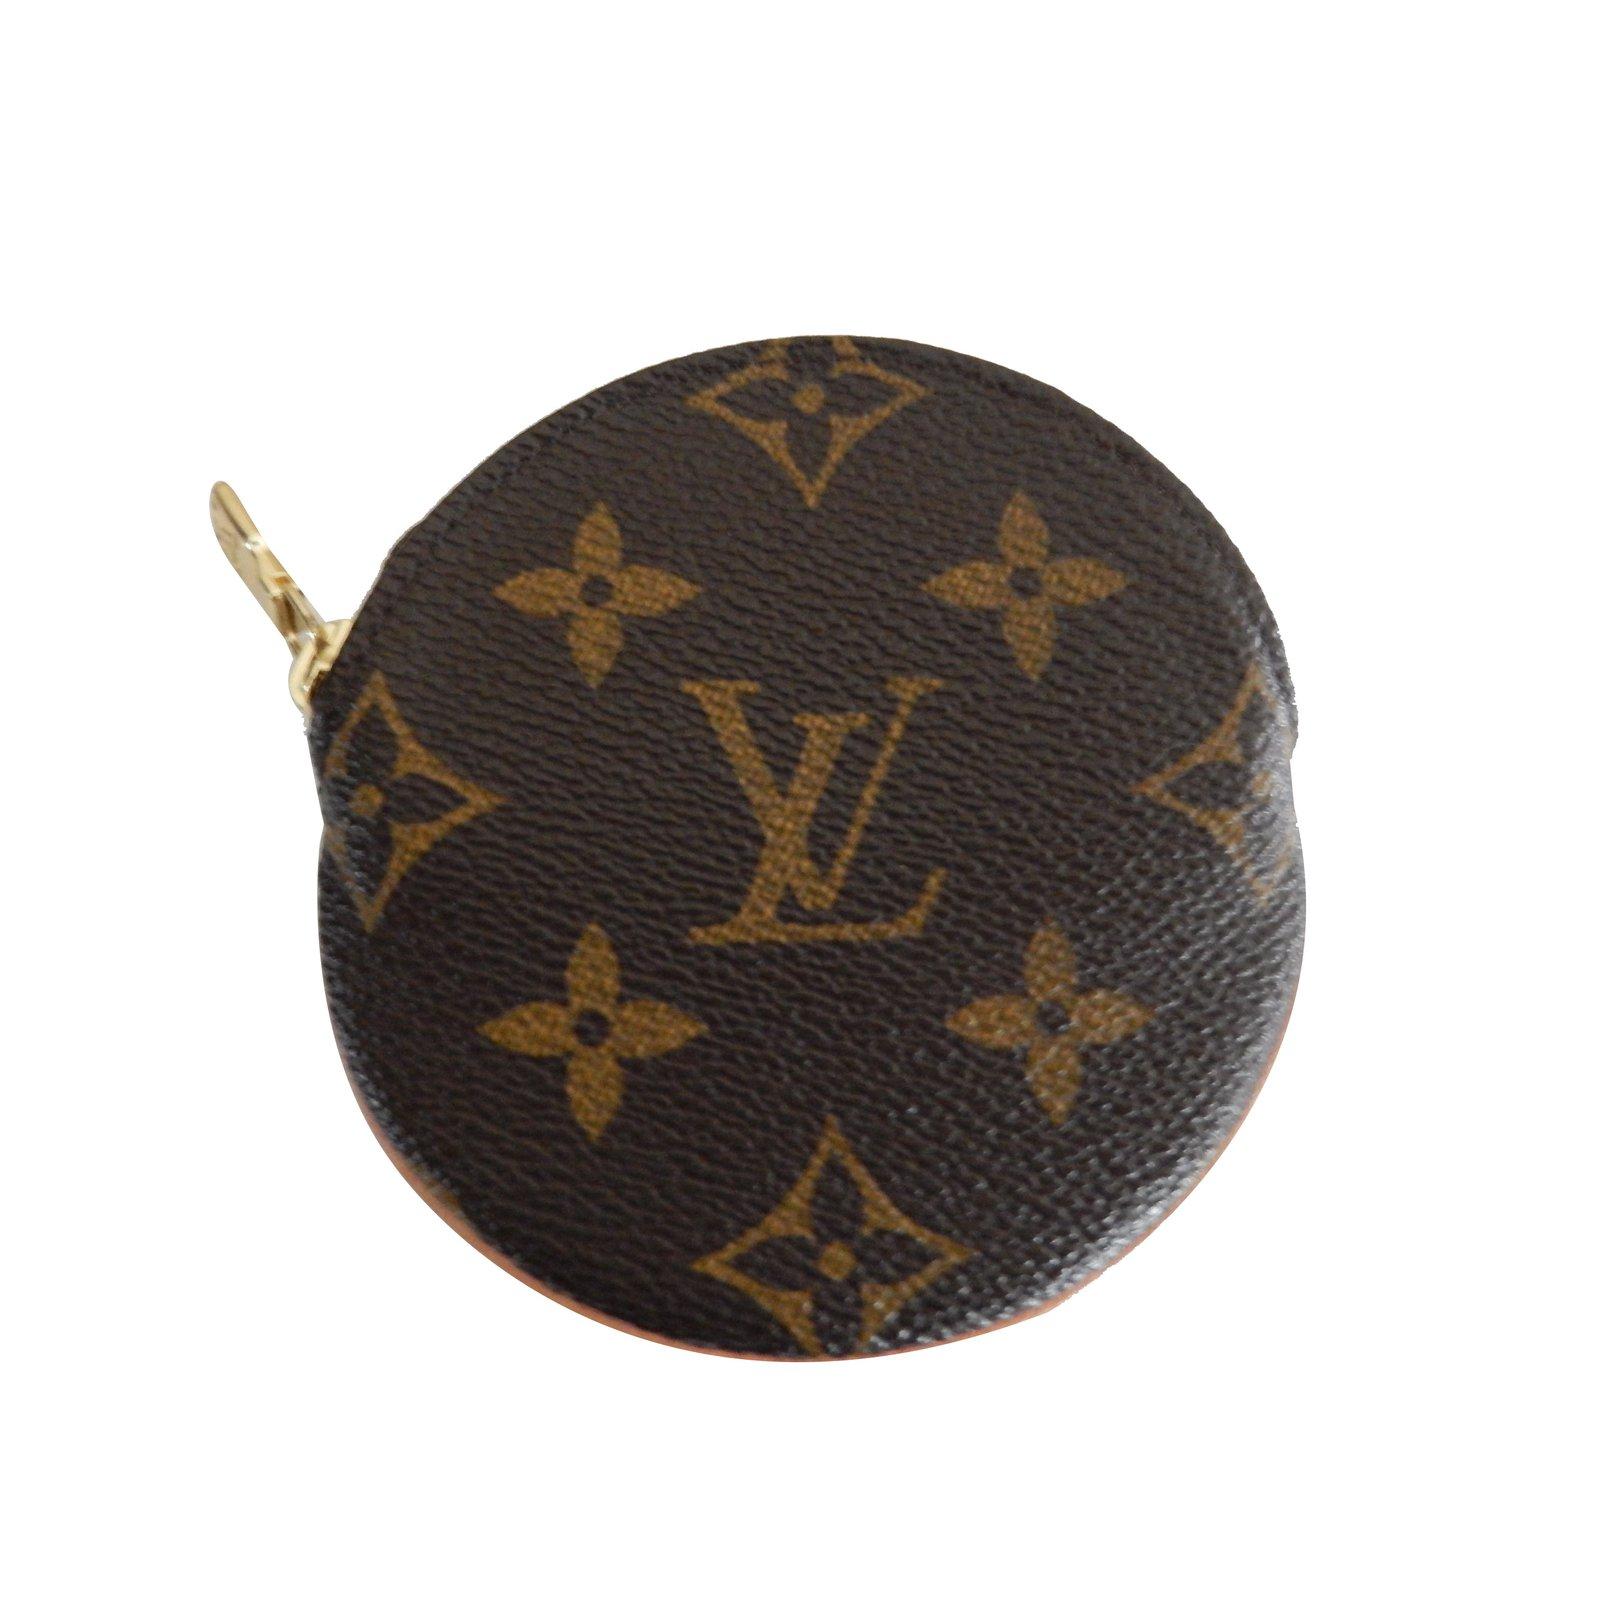 Petite maroquinerie louis vuitton porte monnaie rond toile marron joli closet - Porte monnaie louis vuitton homme ...